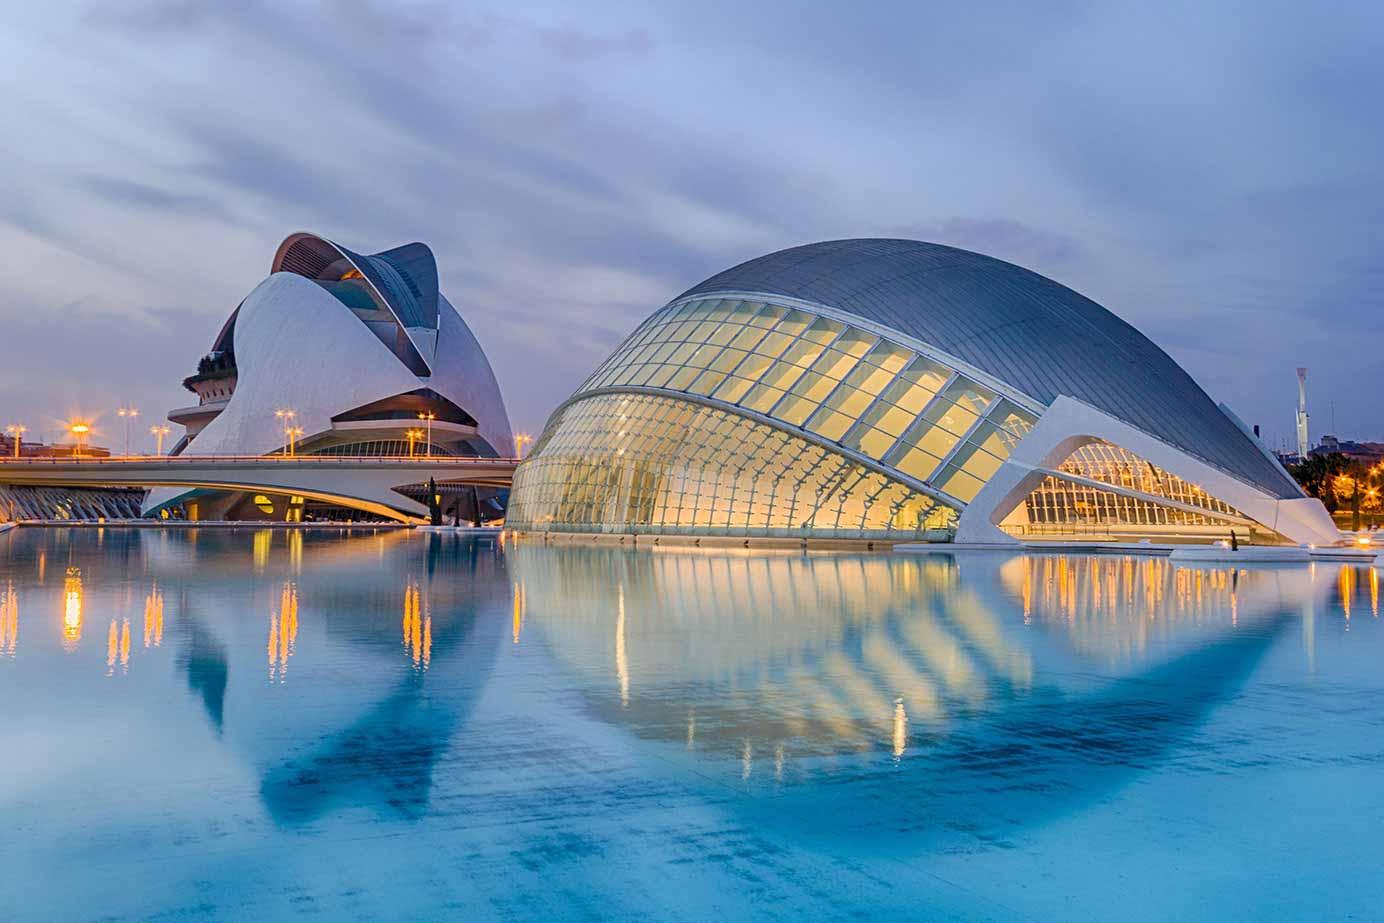 Futuristic design - quite breathtaking